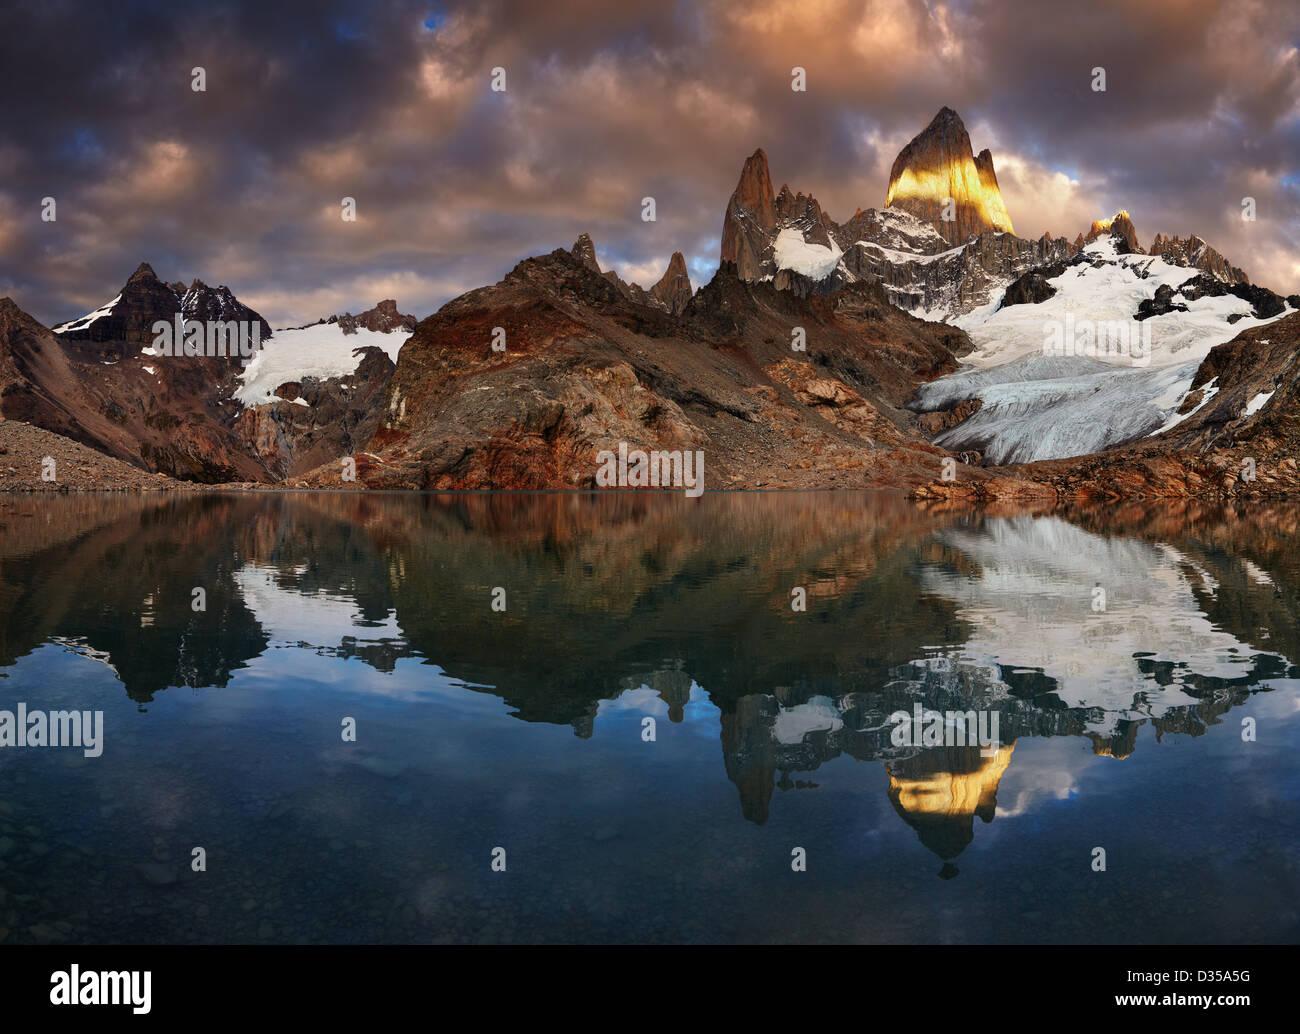 Laguna de los Tres et le mont Fitz Roy au lever du soleil, en Patagonie, Argentine Photo Stock